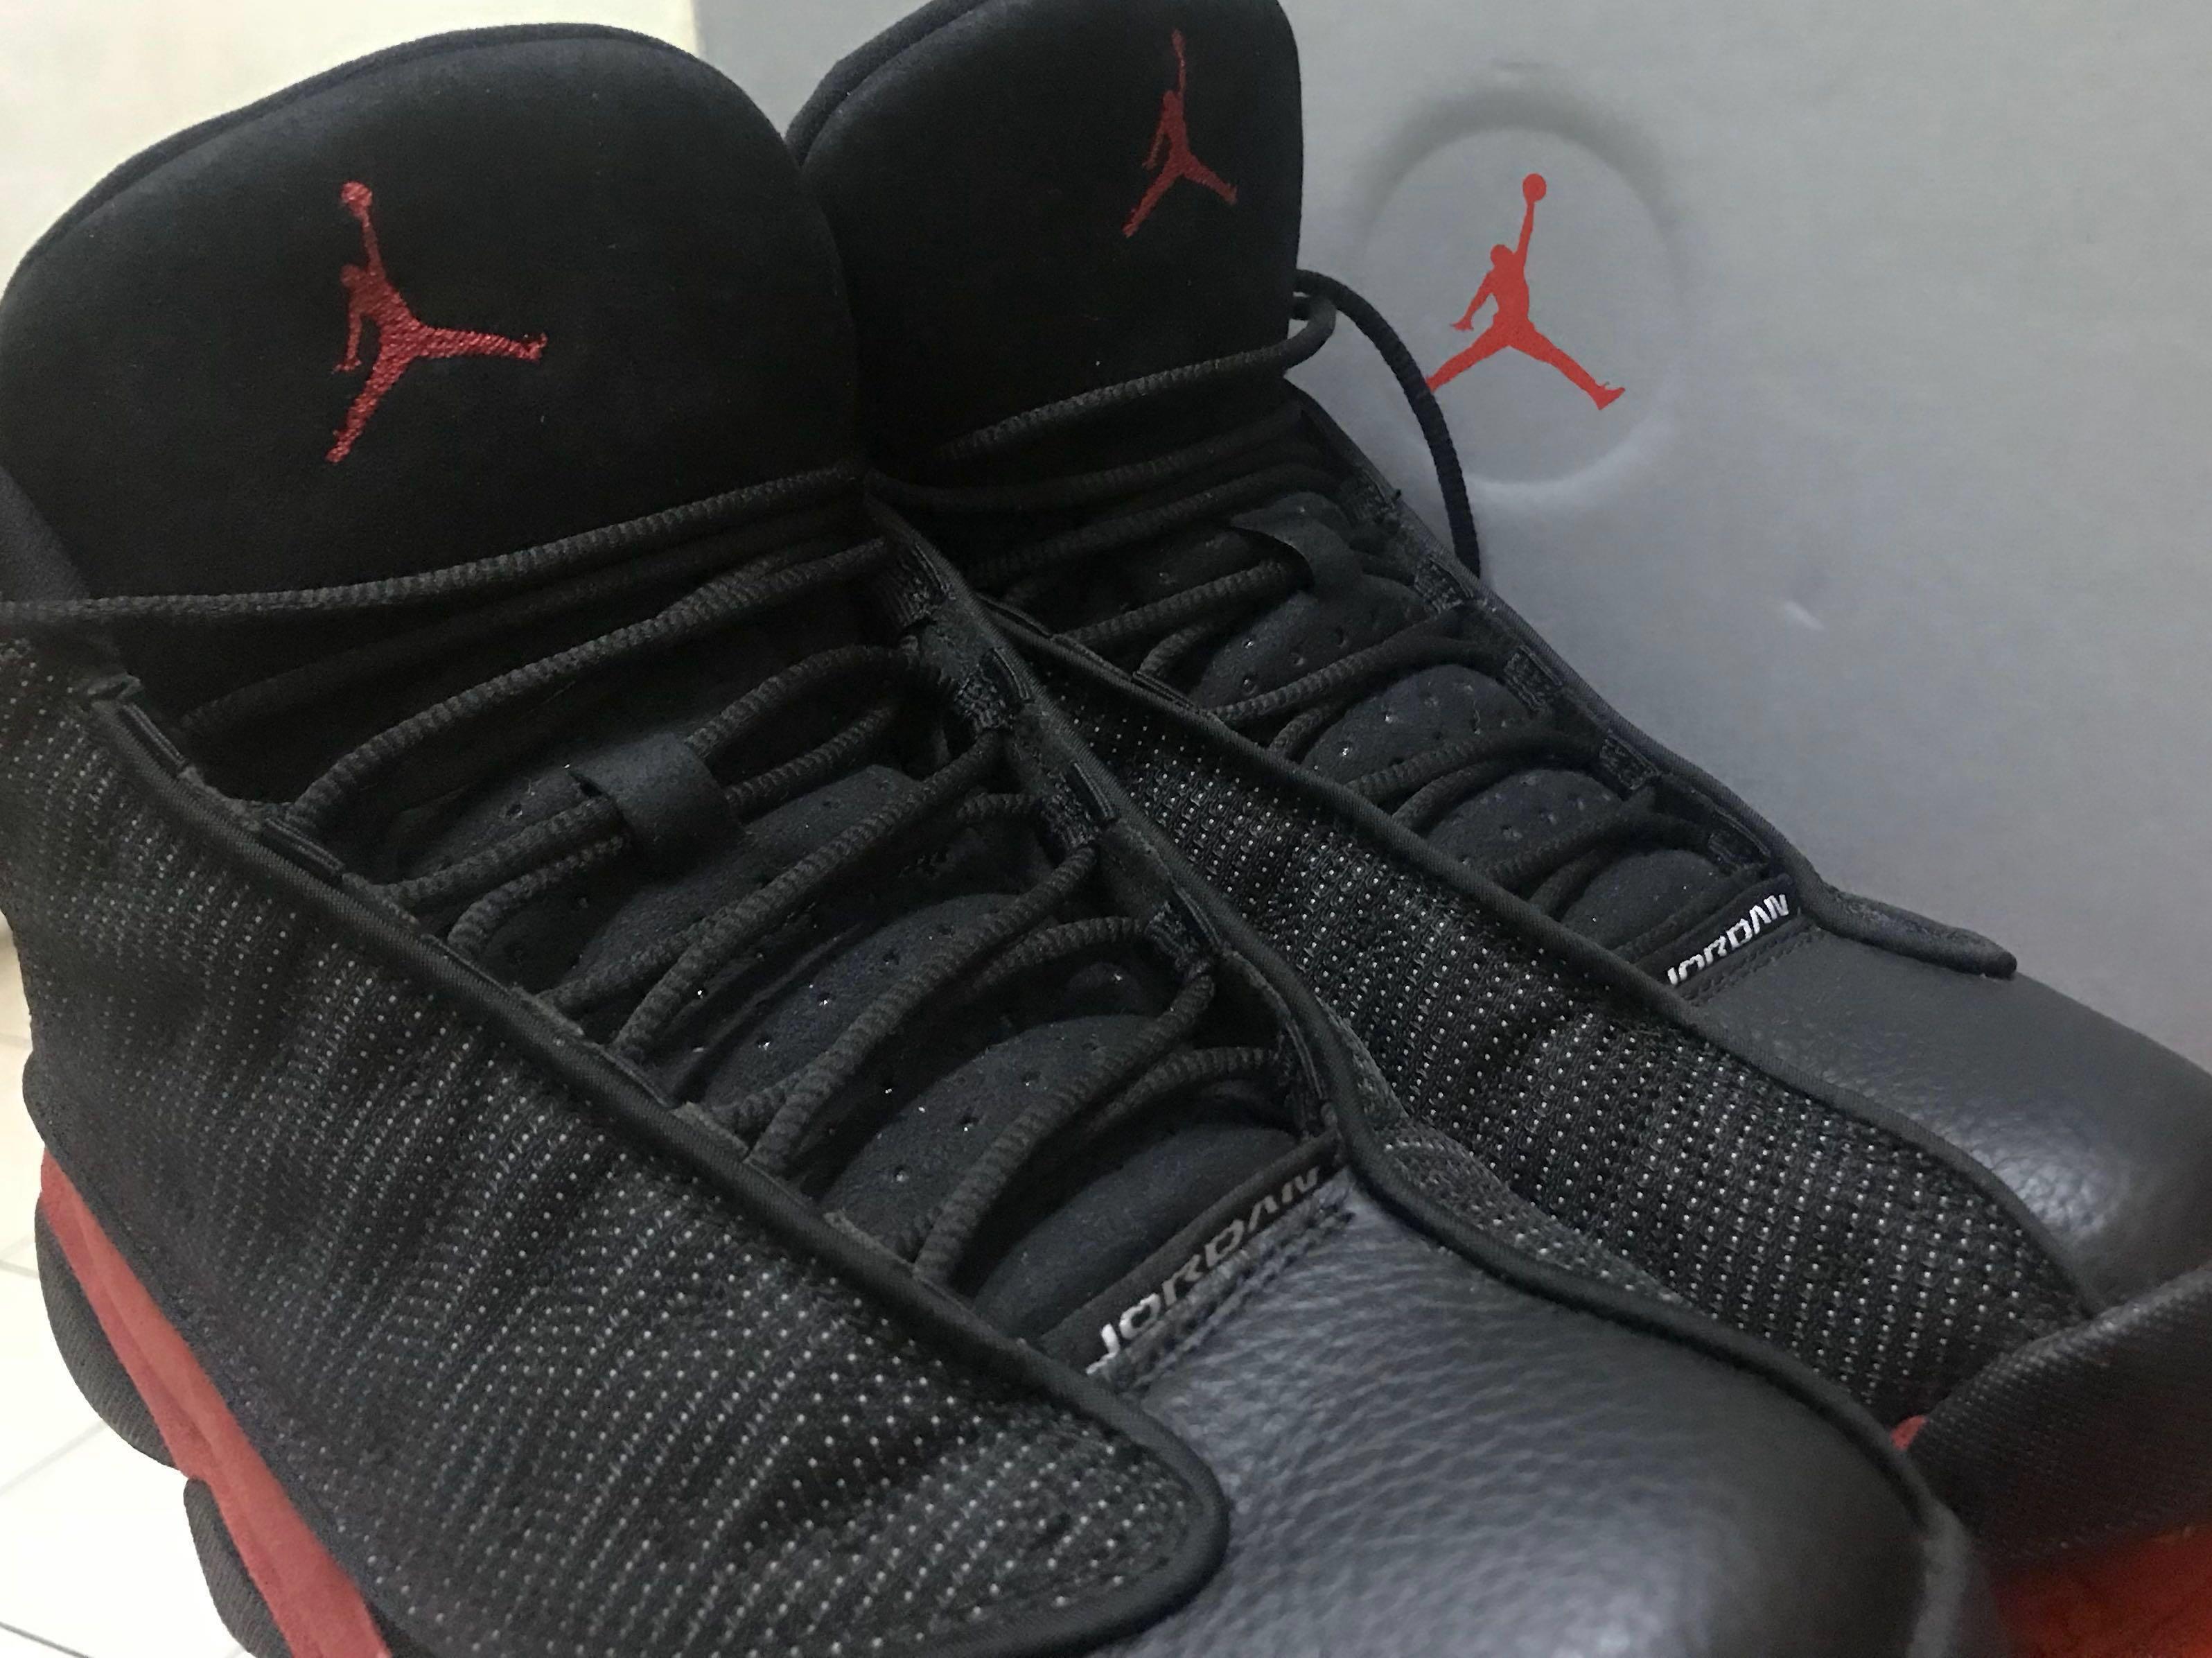 info for 4d529 18006 Air Jordan 13 OG Bred 2017, Men s Fashion, Footwear, Sneakers on ...